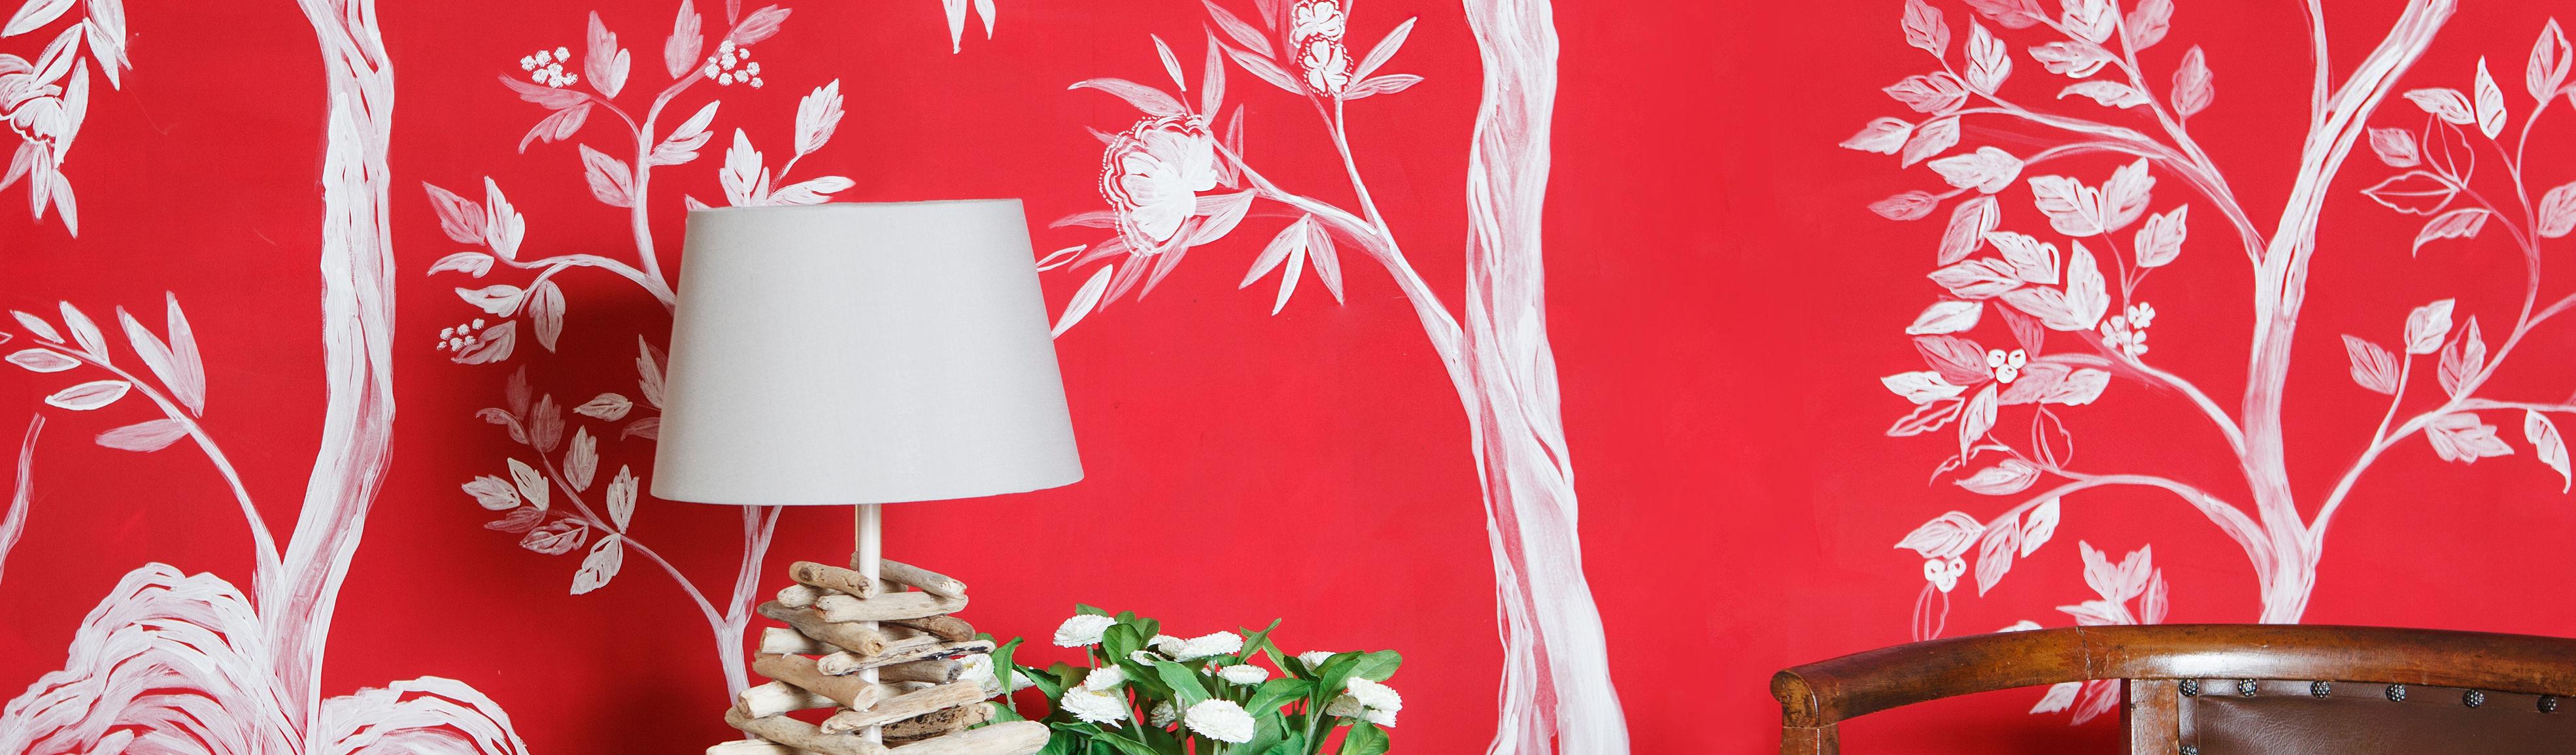 Decorazioni disegnate e dipinte a mano libera su muro ispirate alle ...